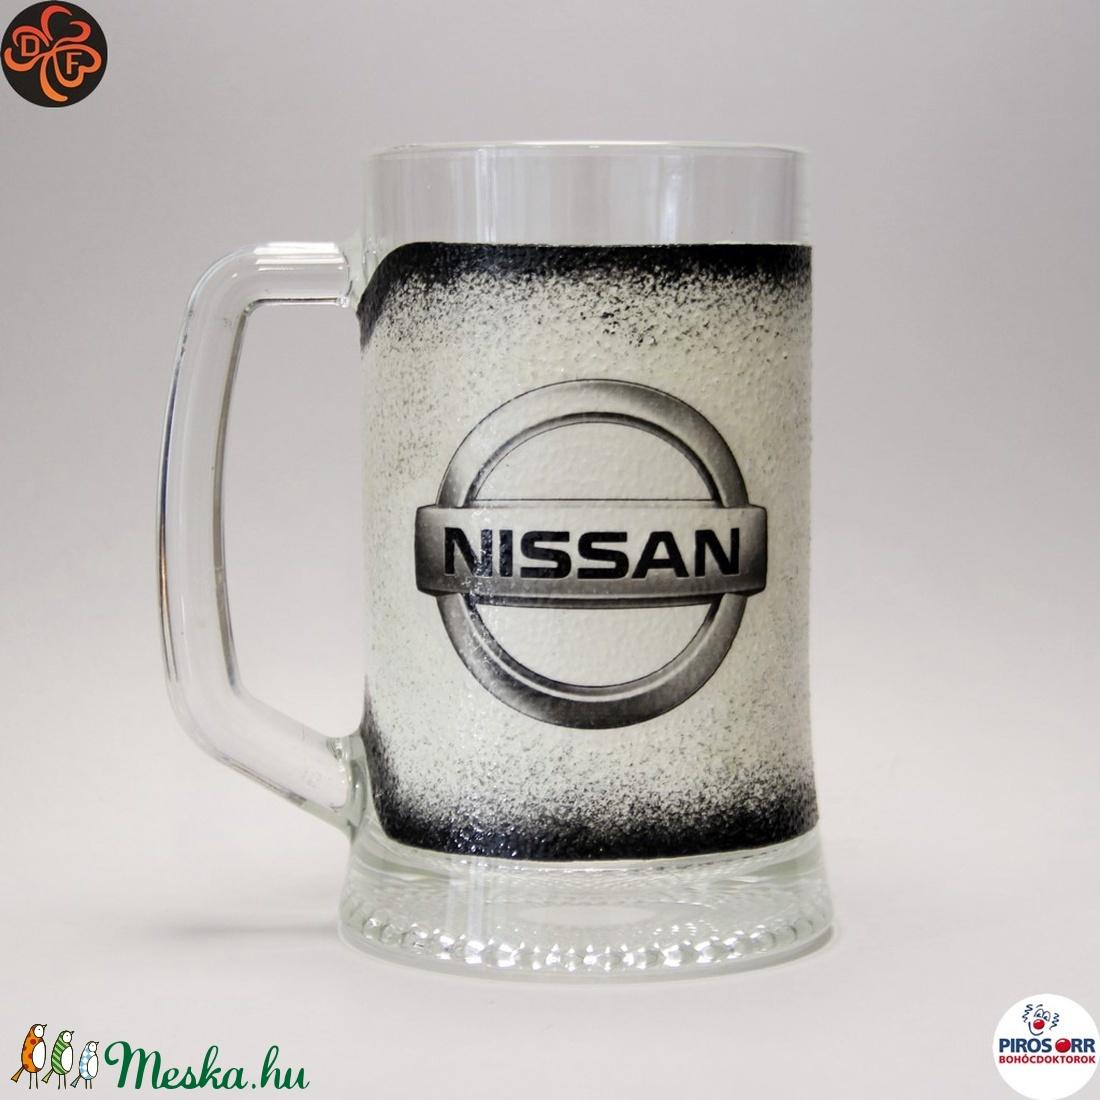 NISSAN söröskorsó ; autó rajongóknak, férjnek, barátnak születésnapra, névnapra, karácsonyra - Meska.hu